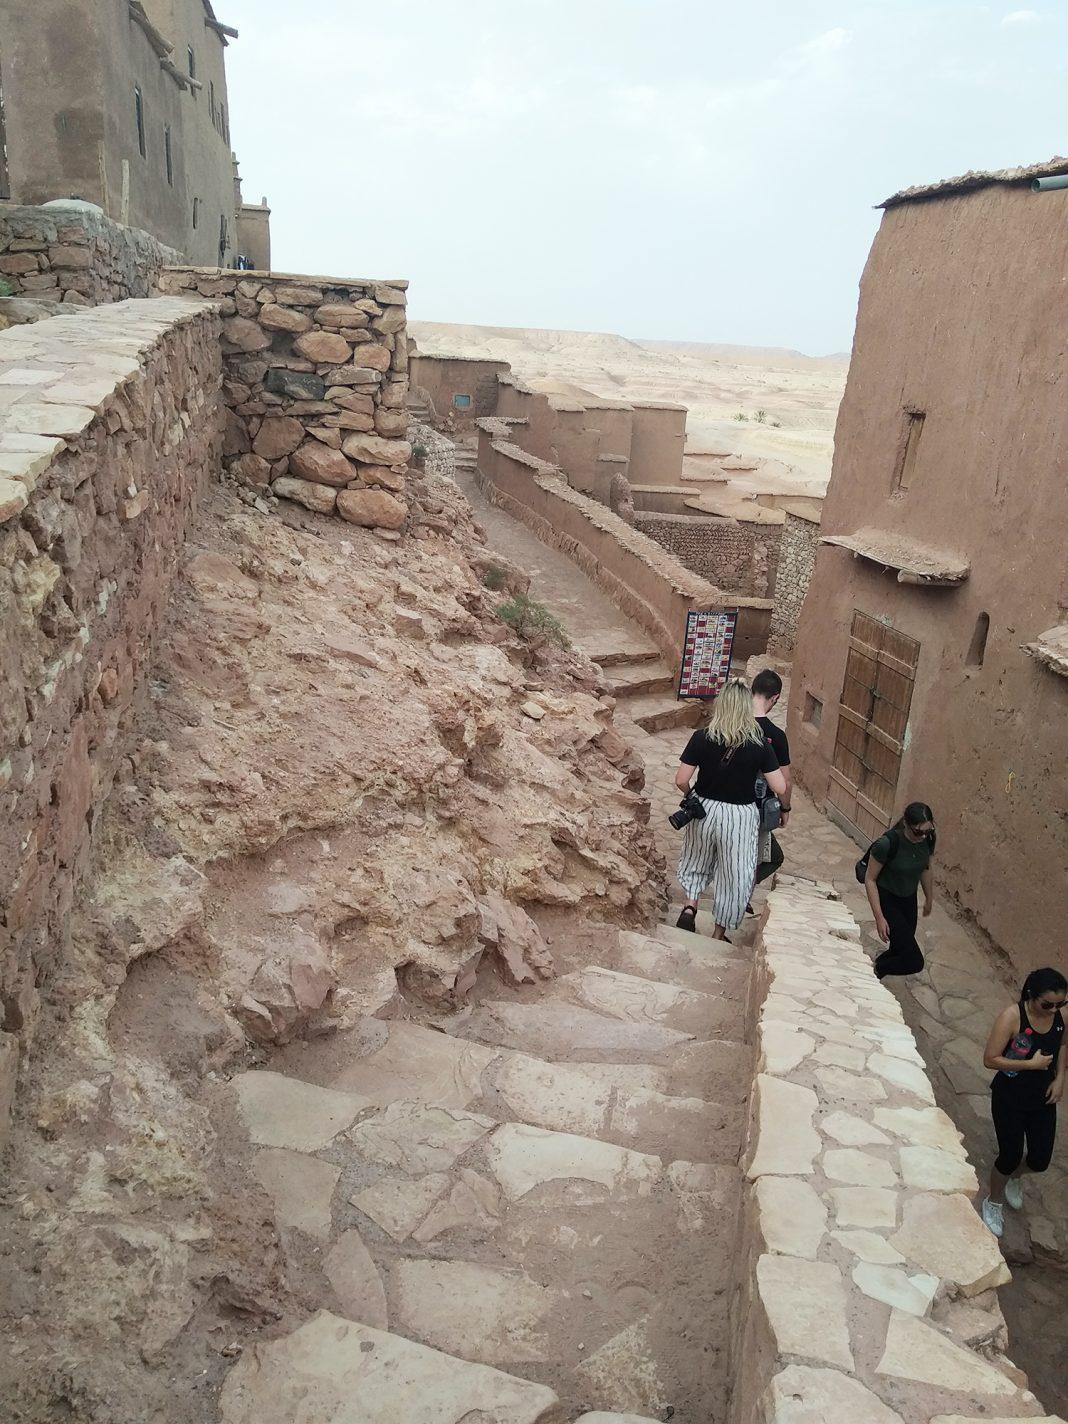 Lopen door de Kasbah - Hoge Atlas in Marokko